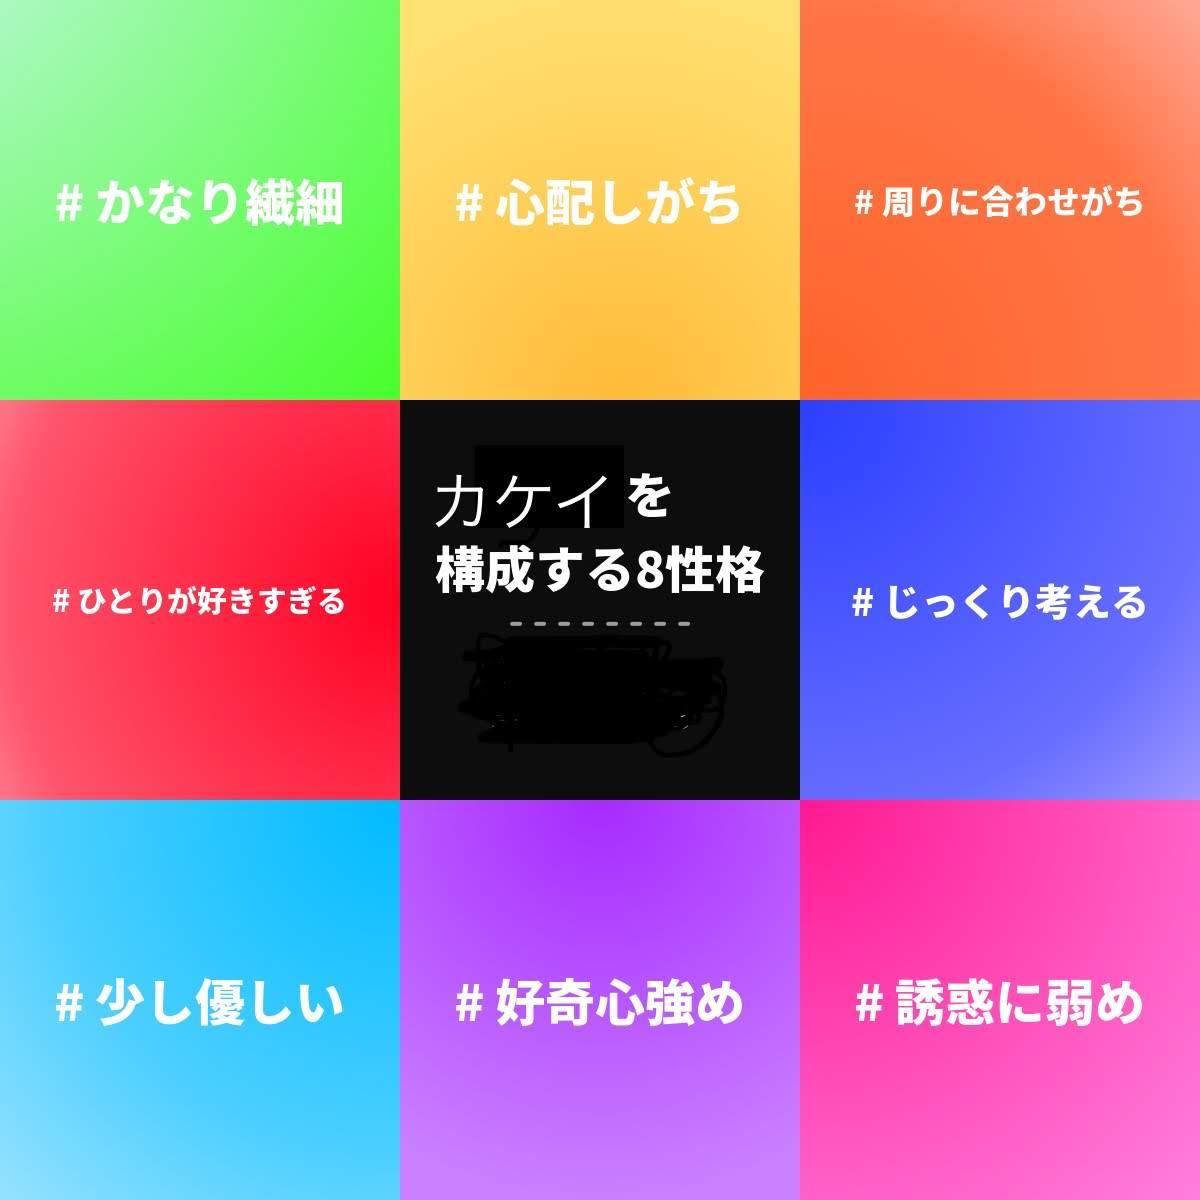 f:id:waku2kakeibo:20190417103115j:plain